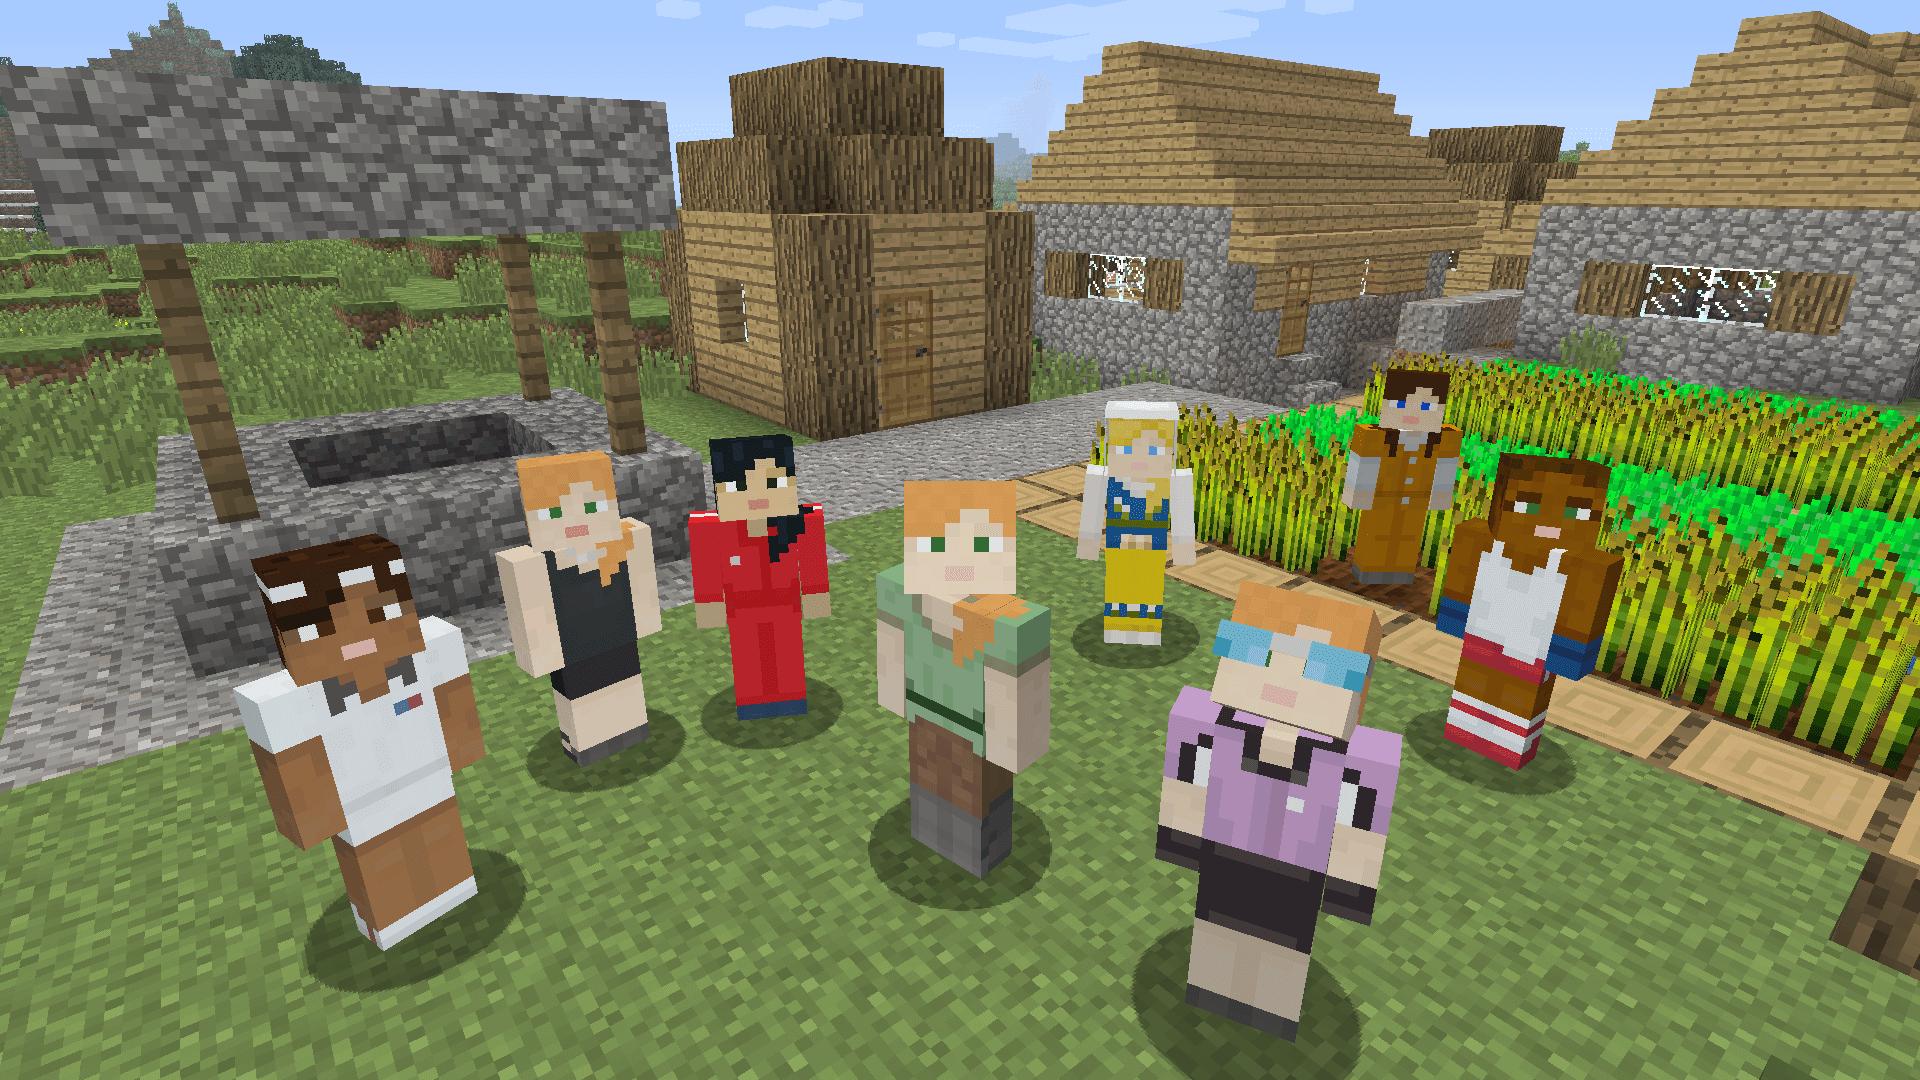 Minecraft Bedrock Edition chega ao PS12 amanhã com cross-play entre